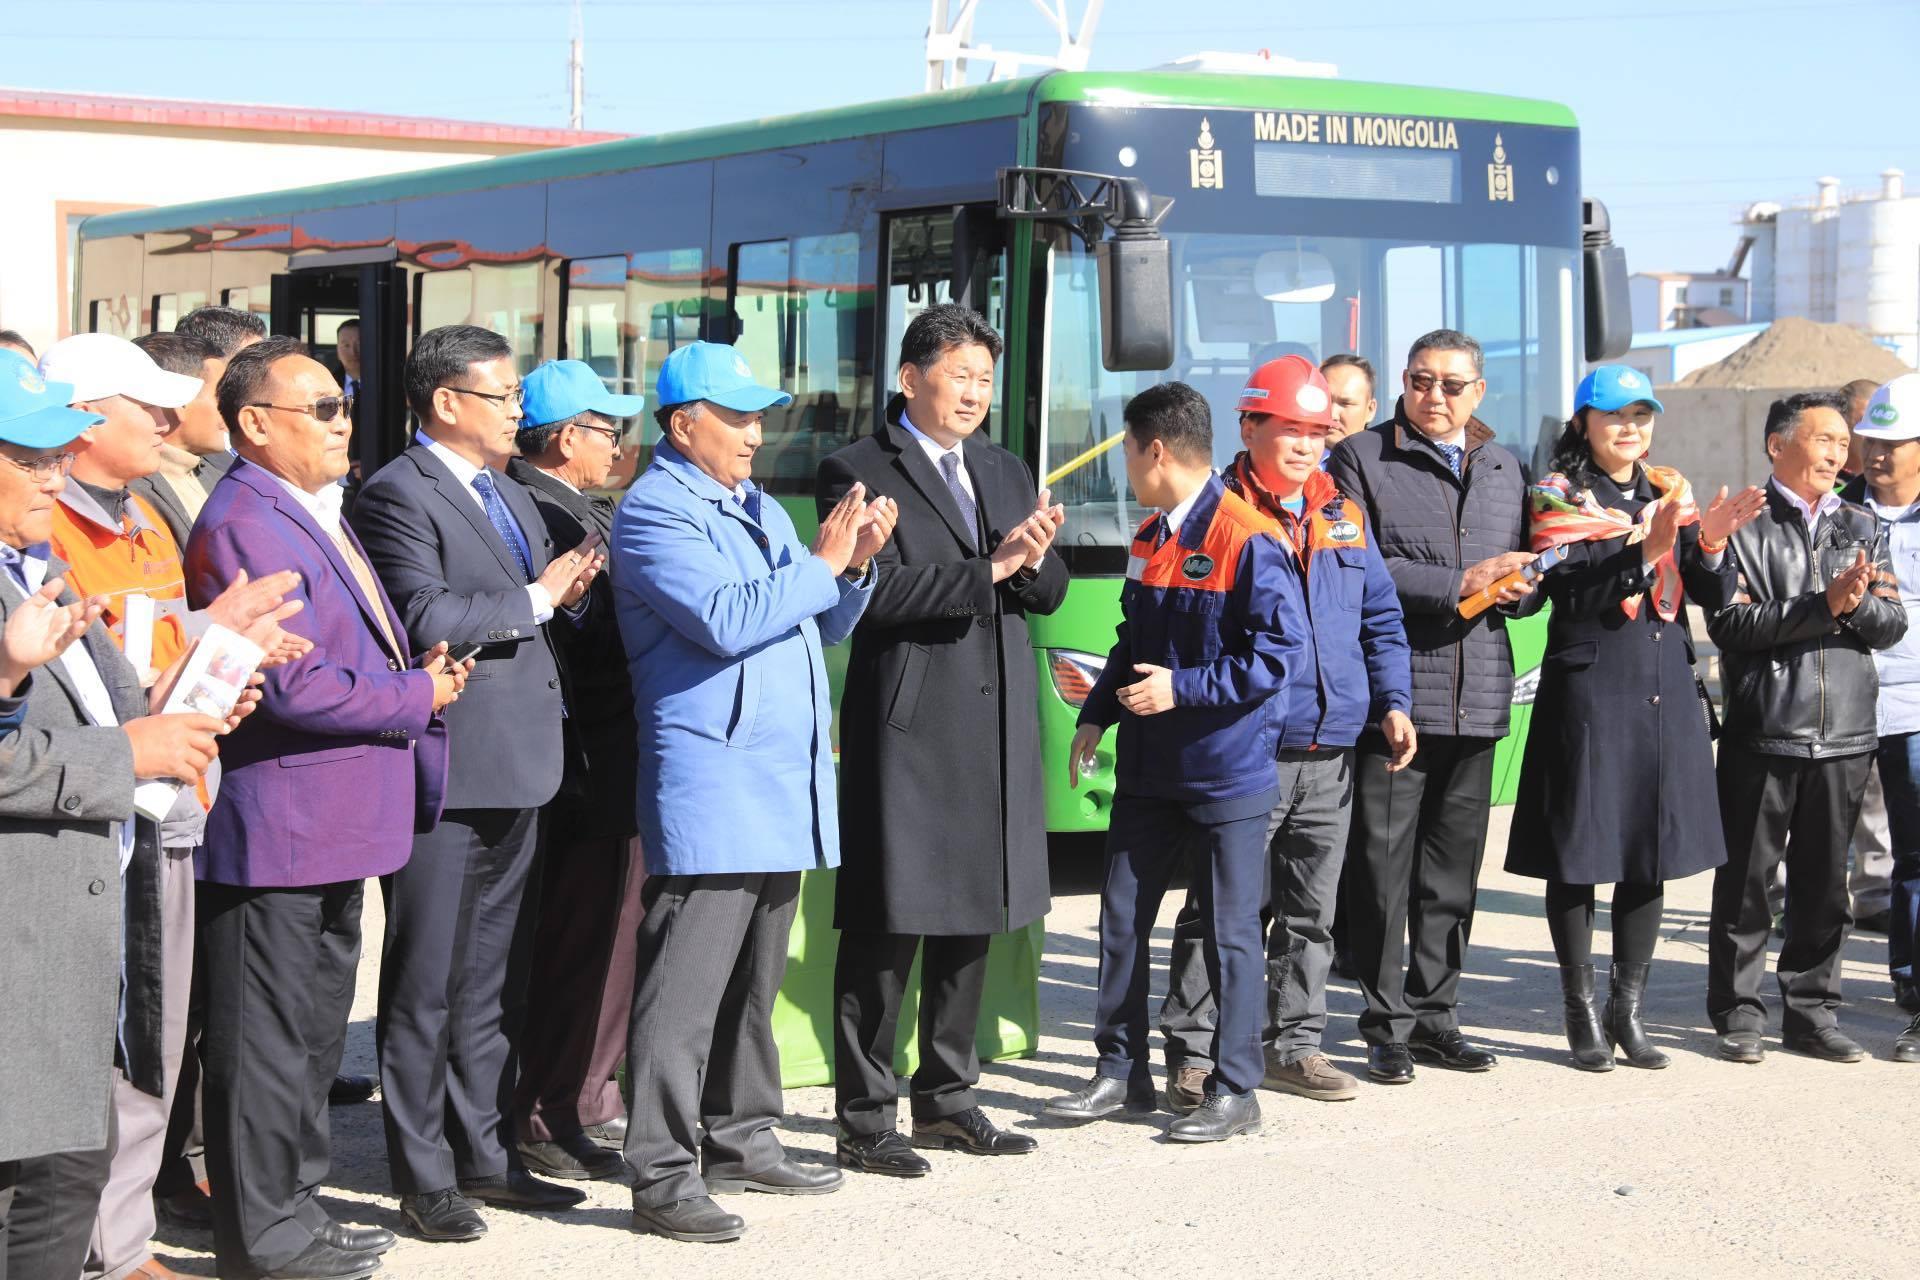 2-3 цаг цэнэглээд 180-200 км зам туулах Монголд угсарсан автобус үйлчилгээнд гарлаа